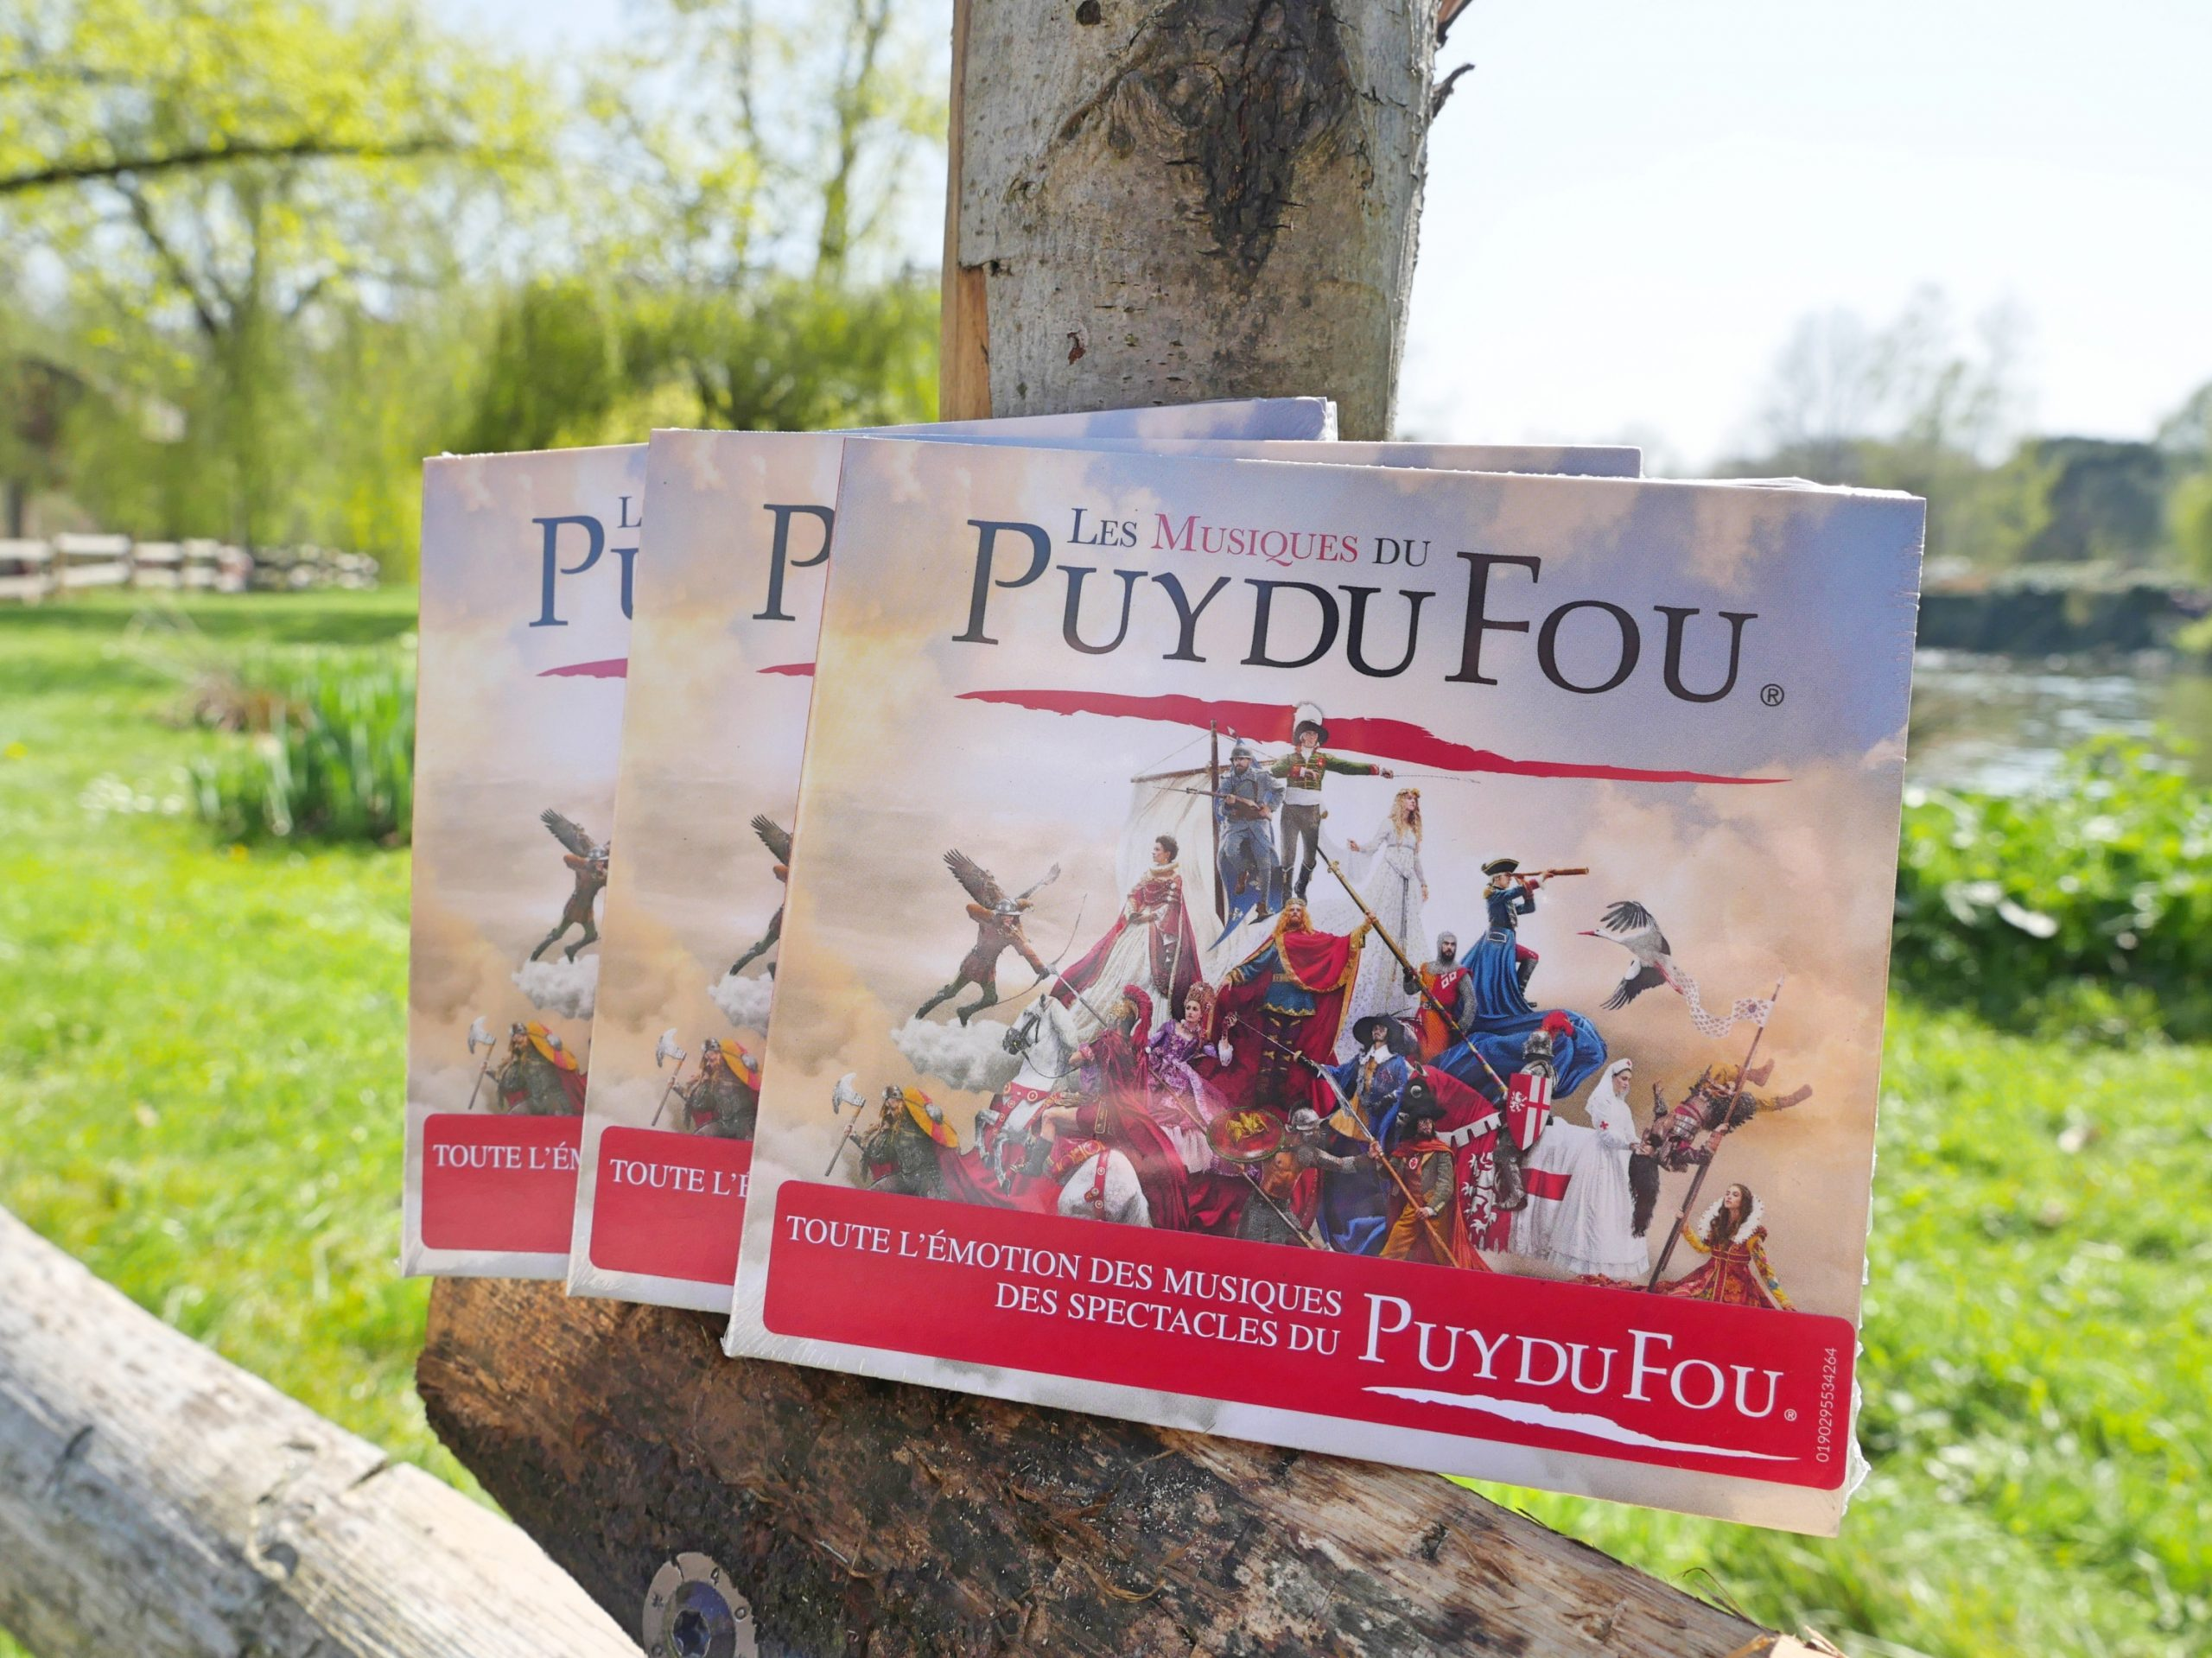 Les Musiques du Puy du Fou